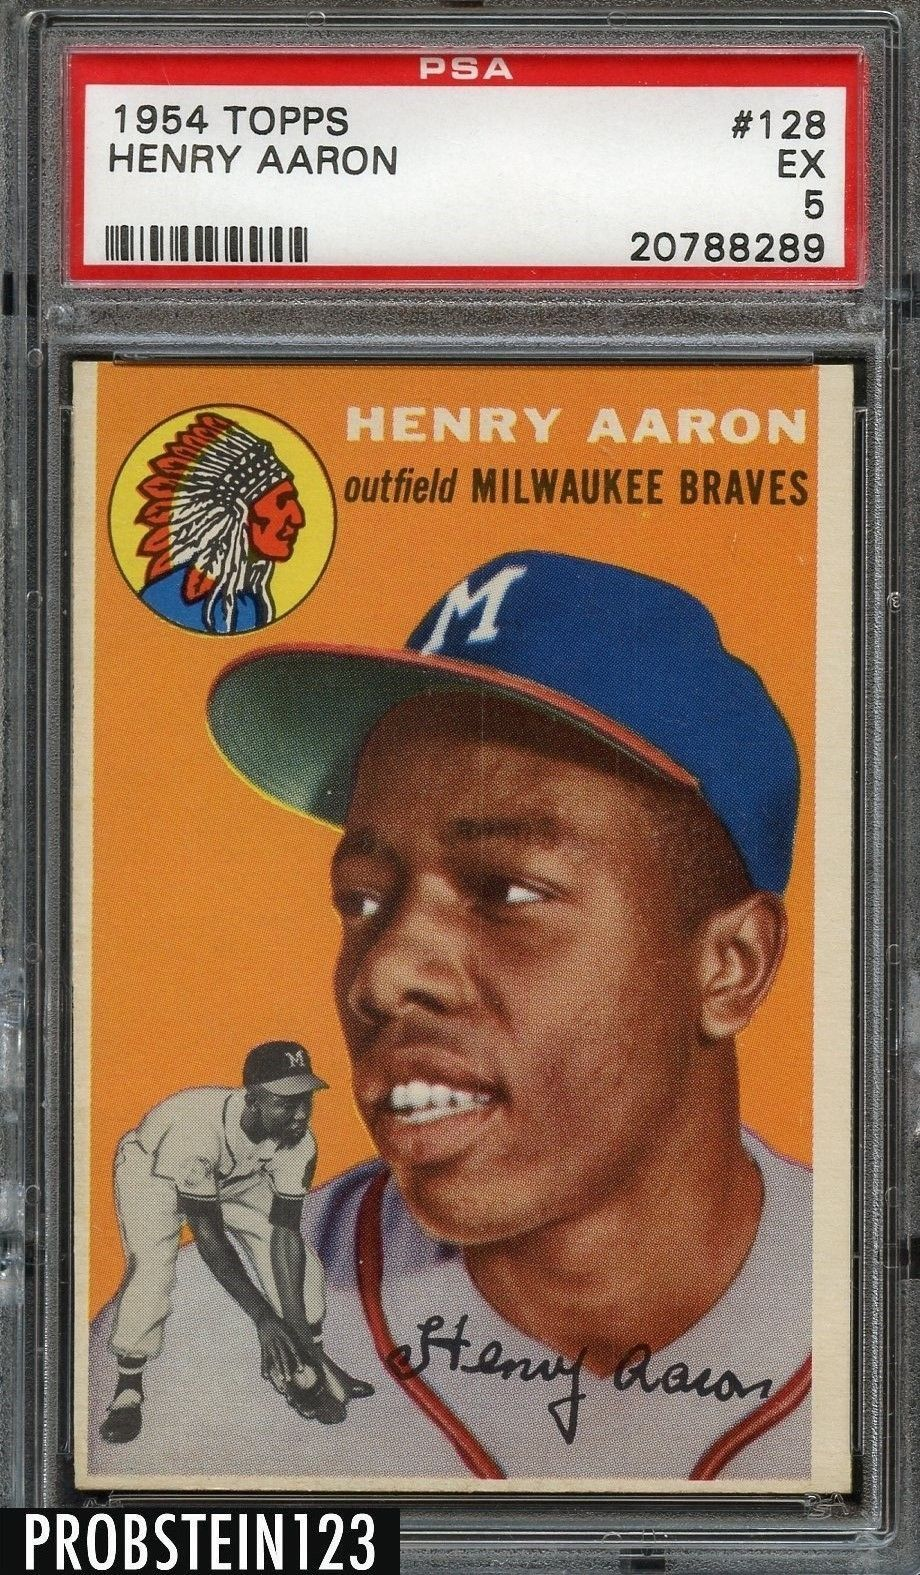 1954 topps setbreak baseball cards baseball cards for